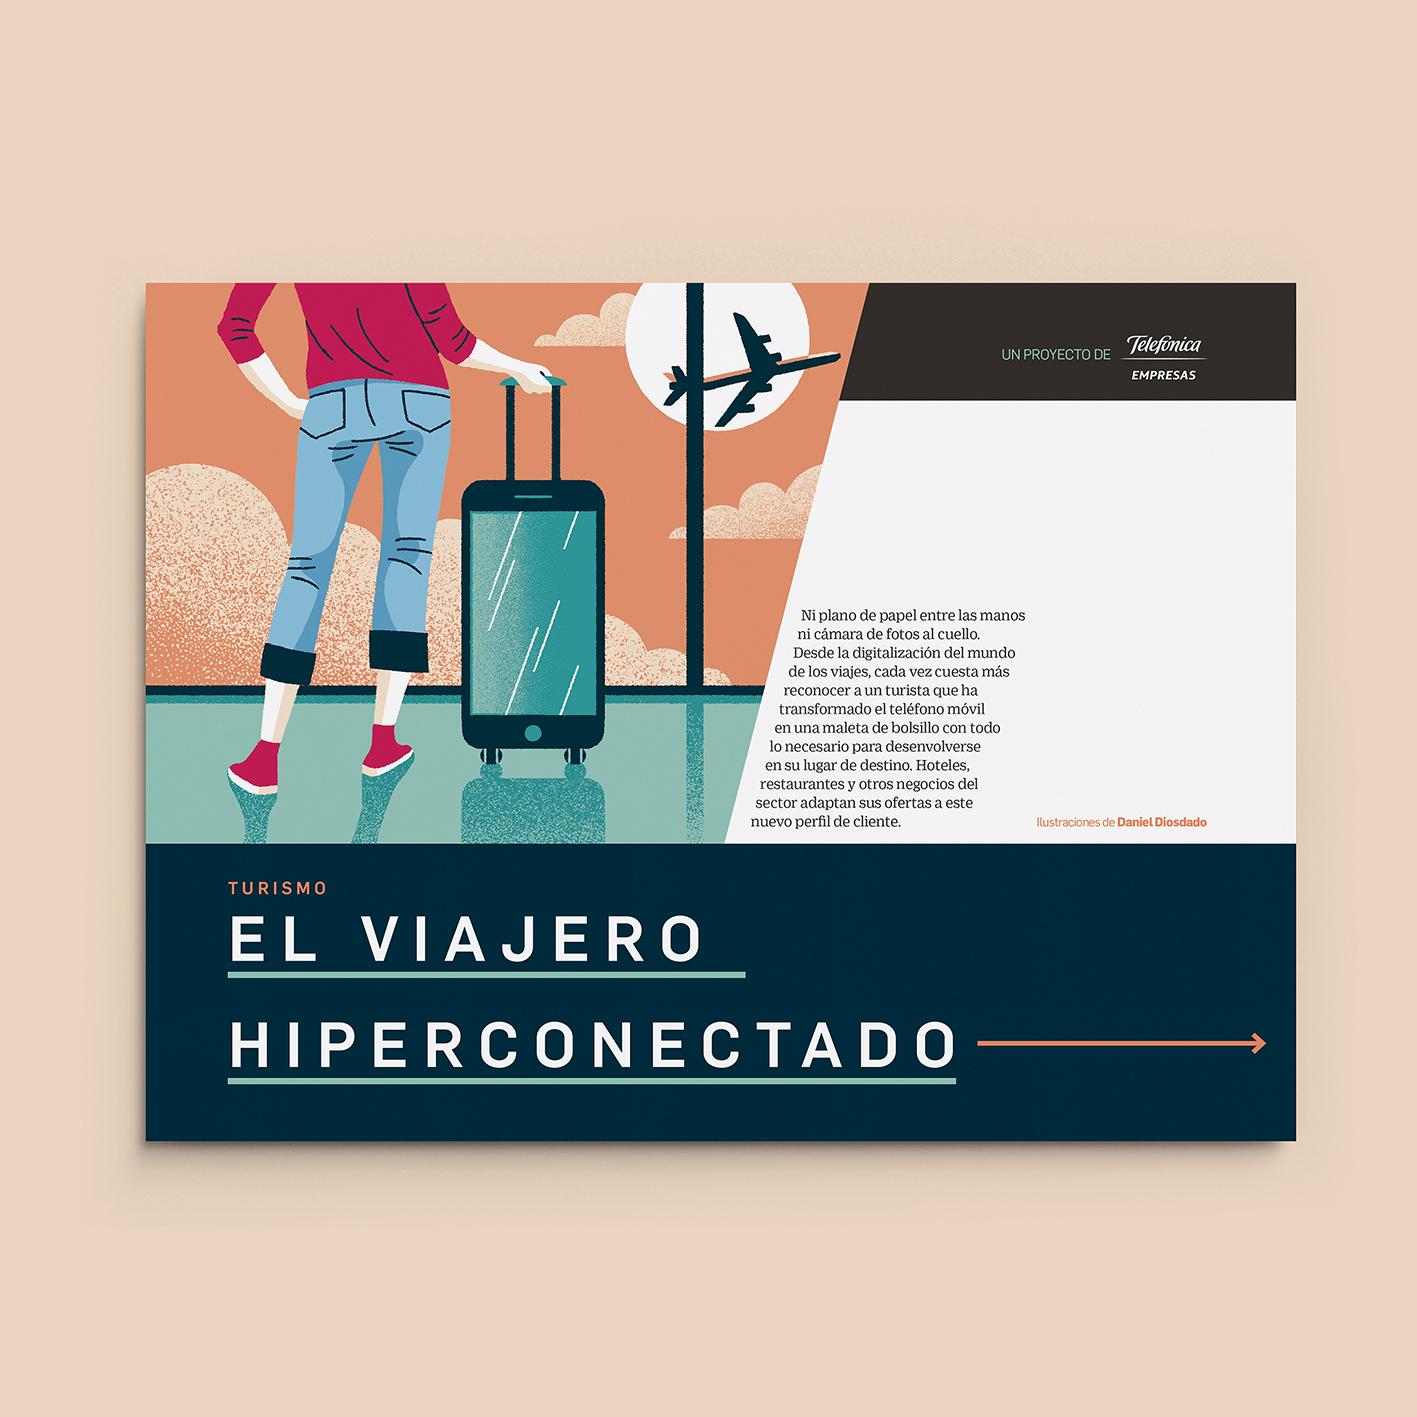 Daniel Diosdado: El Viajero Hiperconectado. Revista Retina